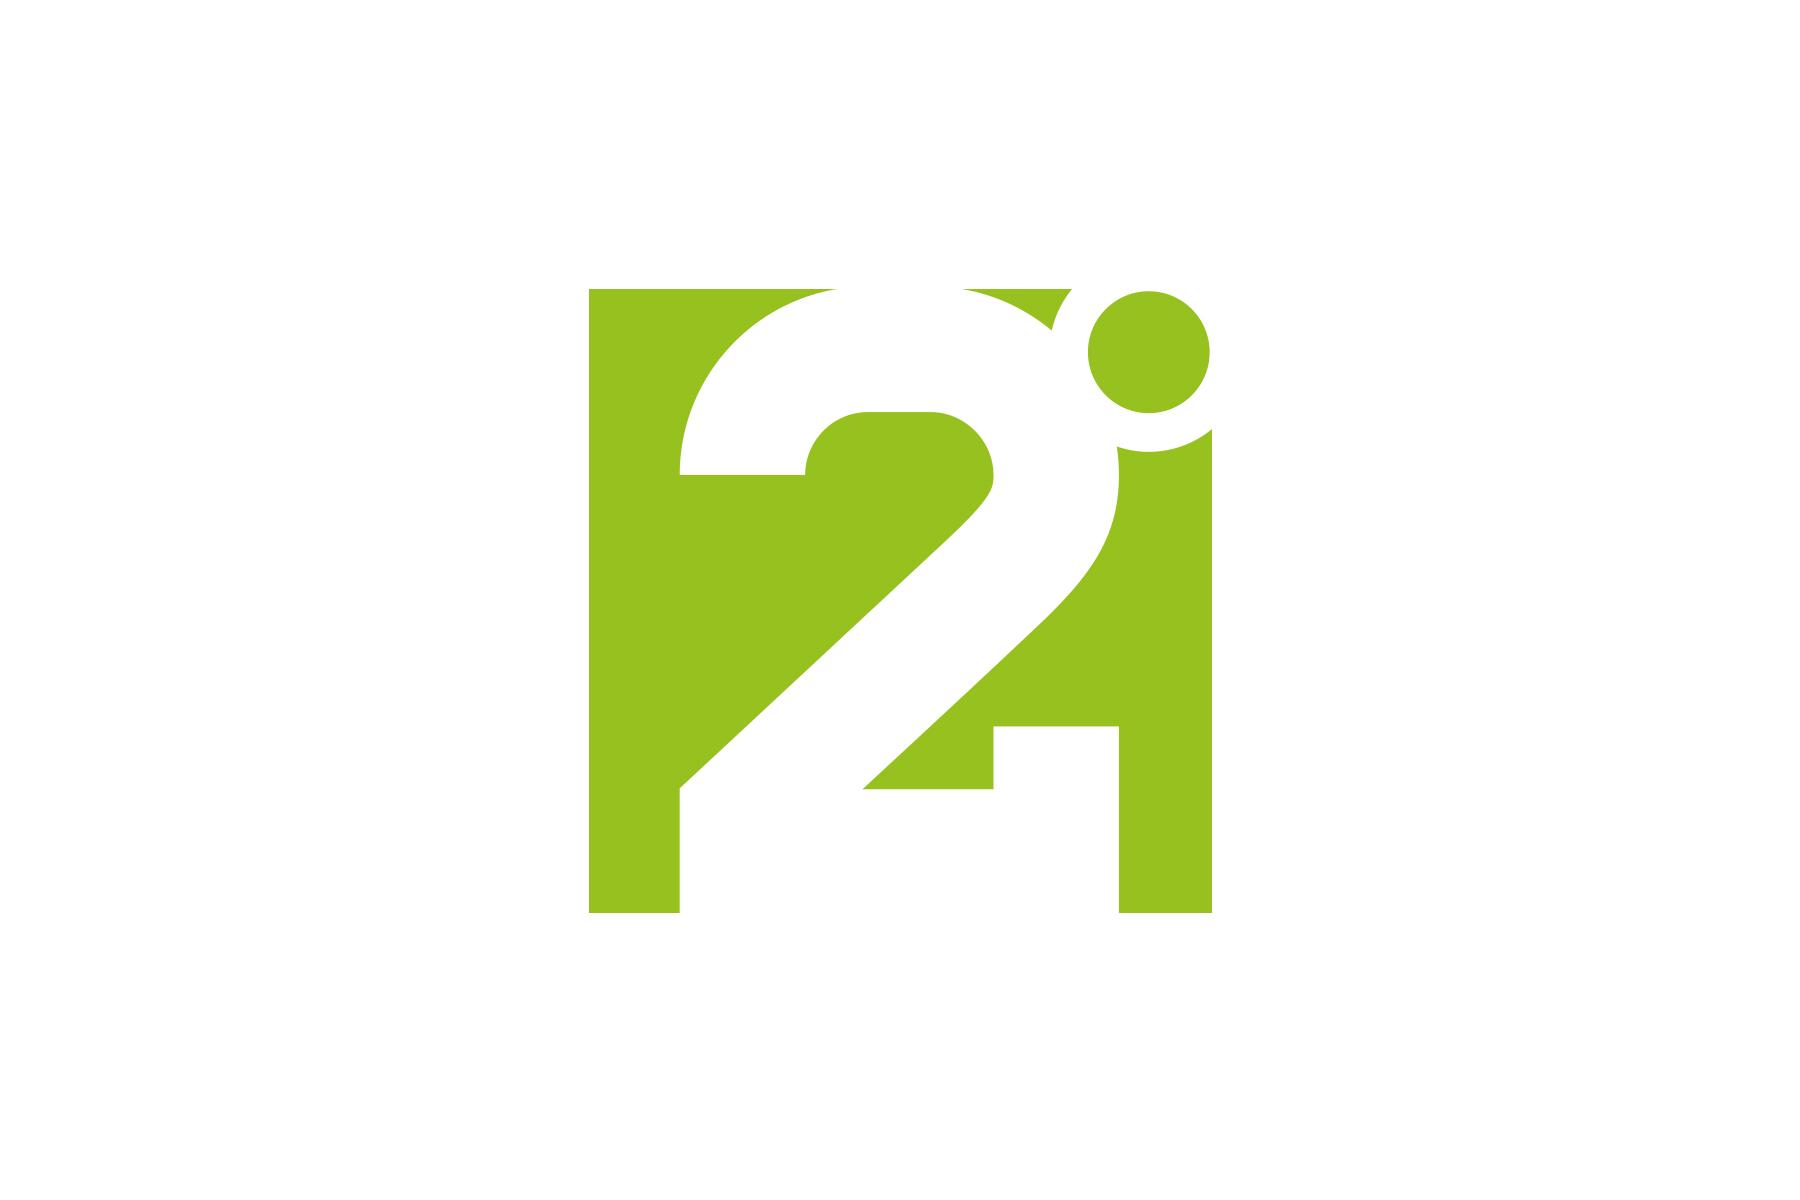 2Degrees_6x4_Logo_Alt_A2.jpg